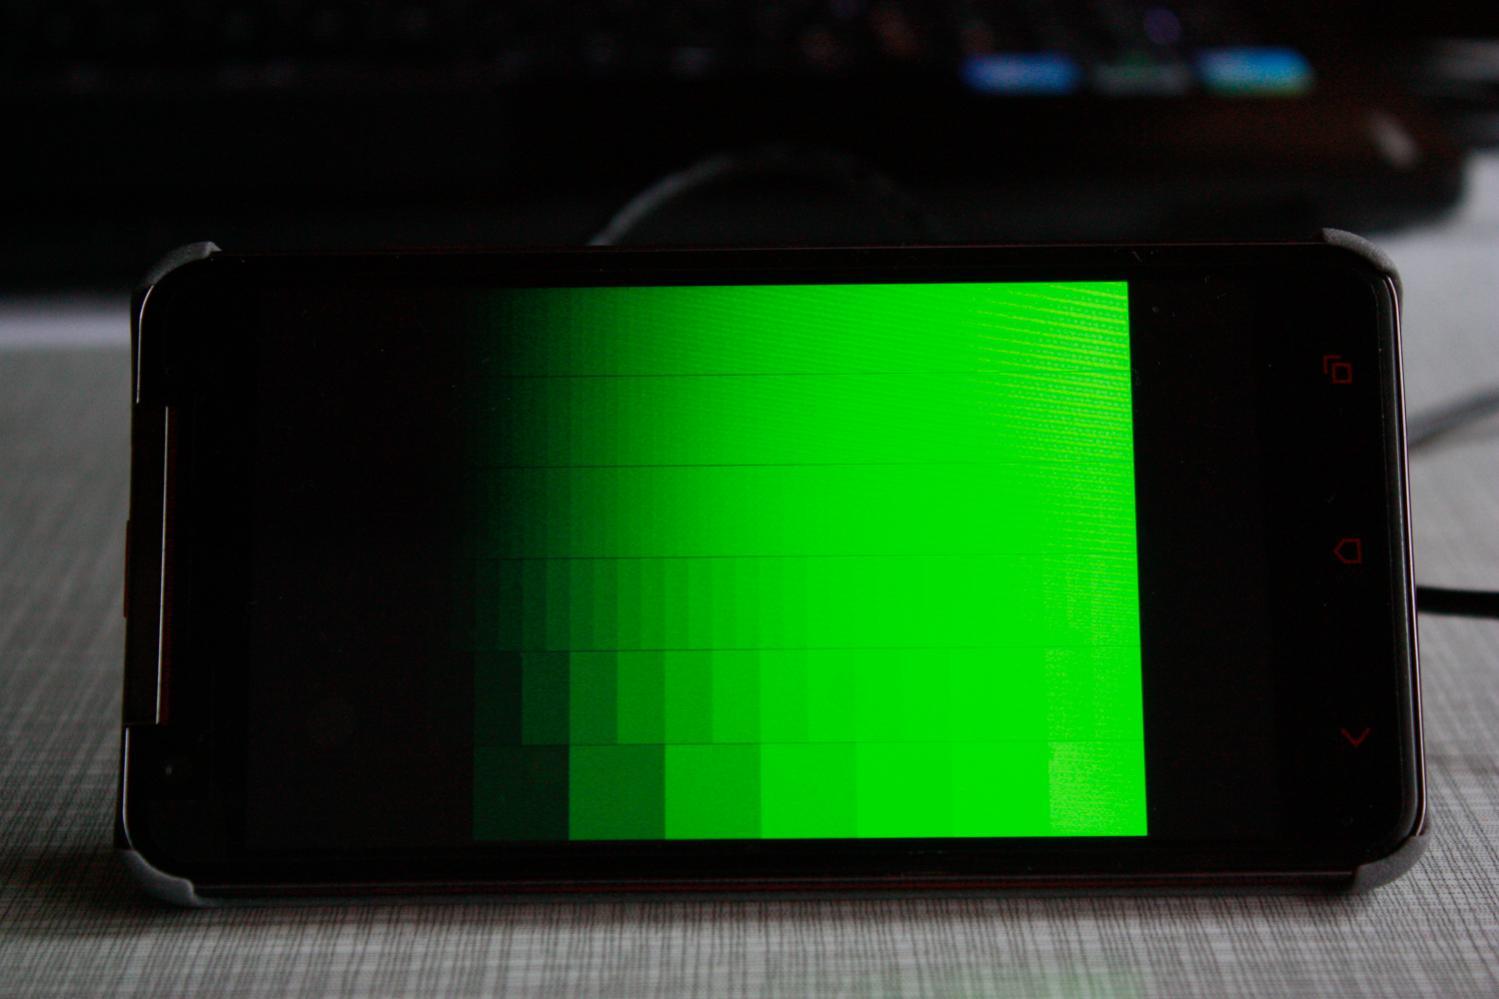 Klicke auf die Grafik für eine größere Ansicht  Name:_MG_8067.jpg Hits:226 Größe:89,6 KB ID:343610